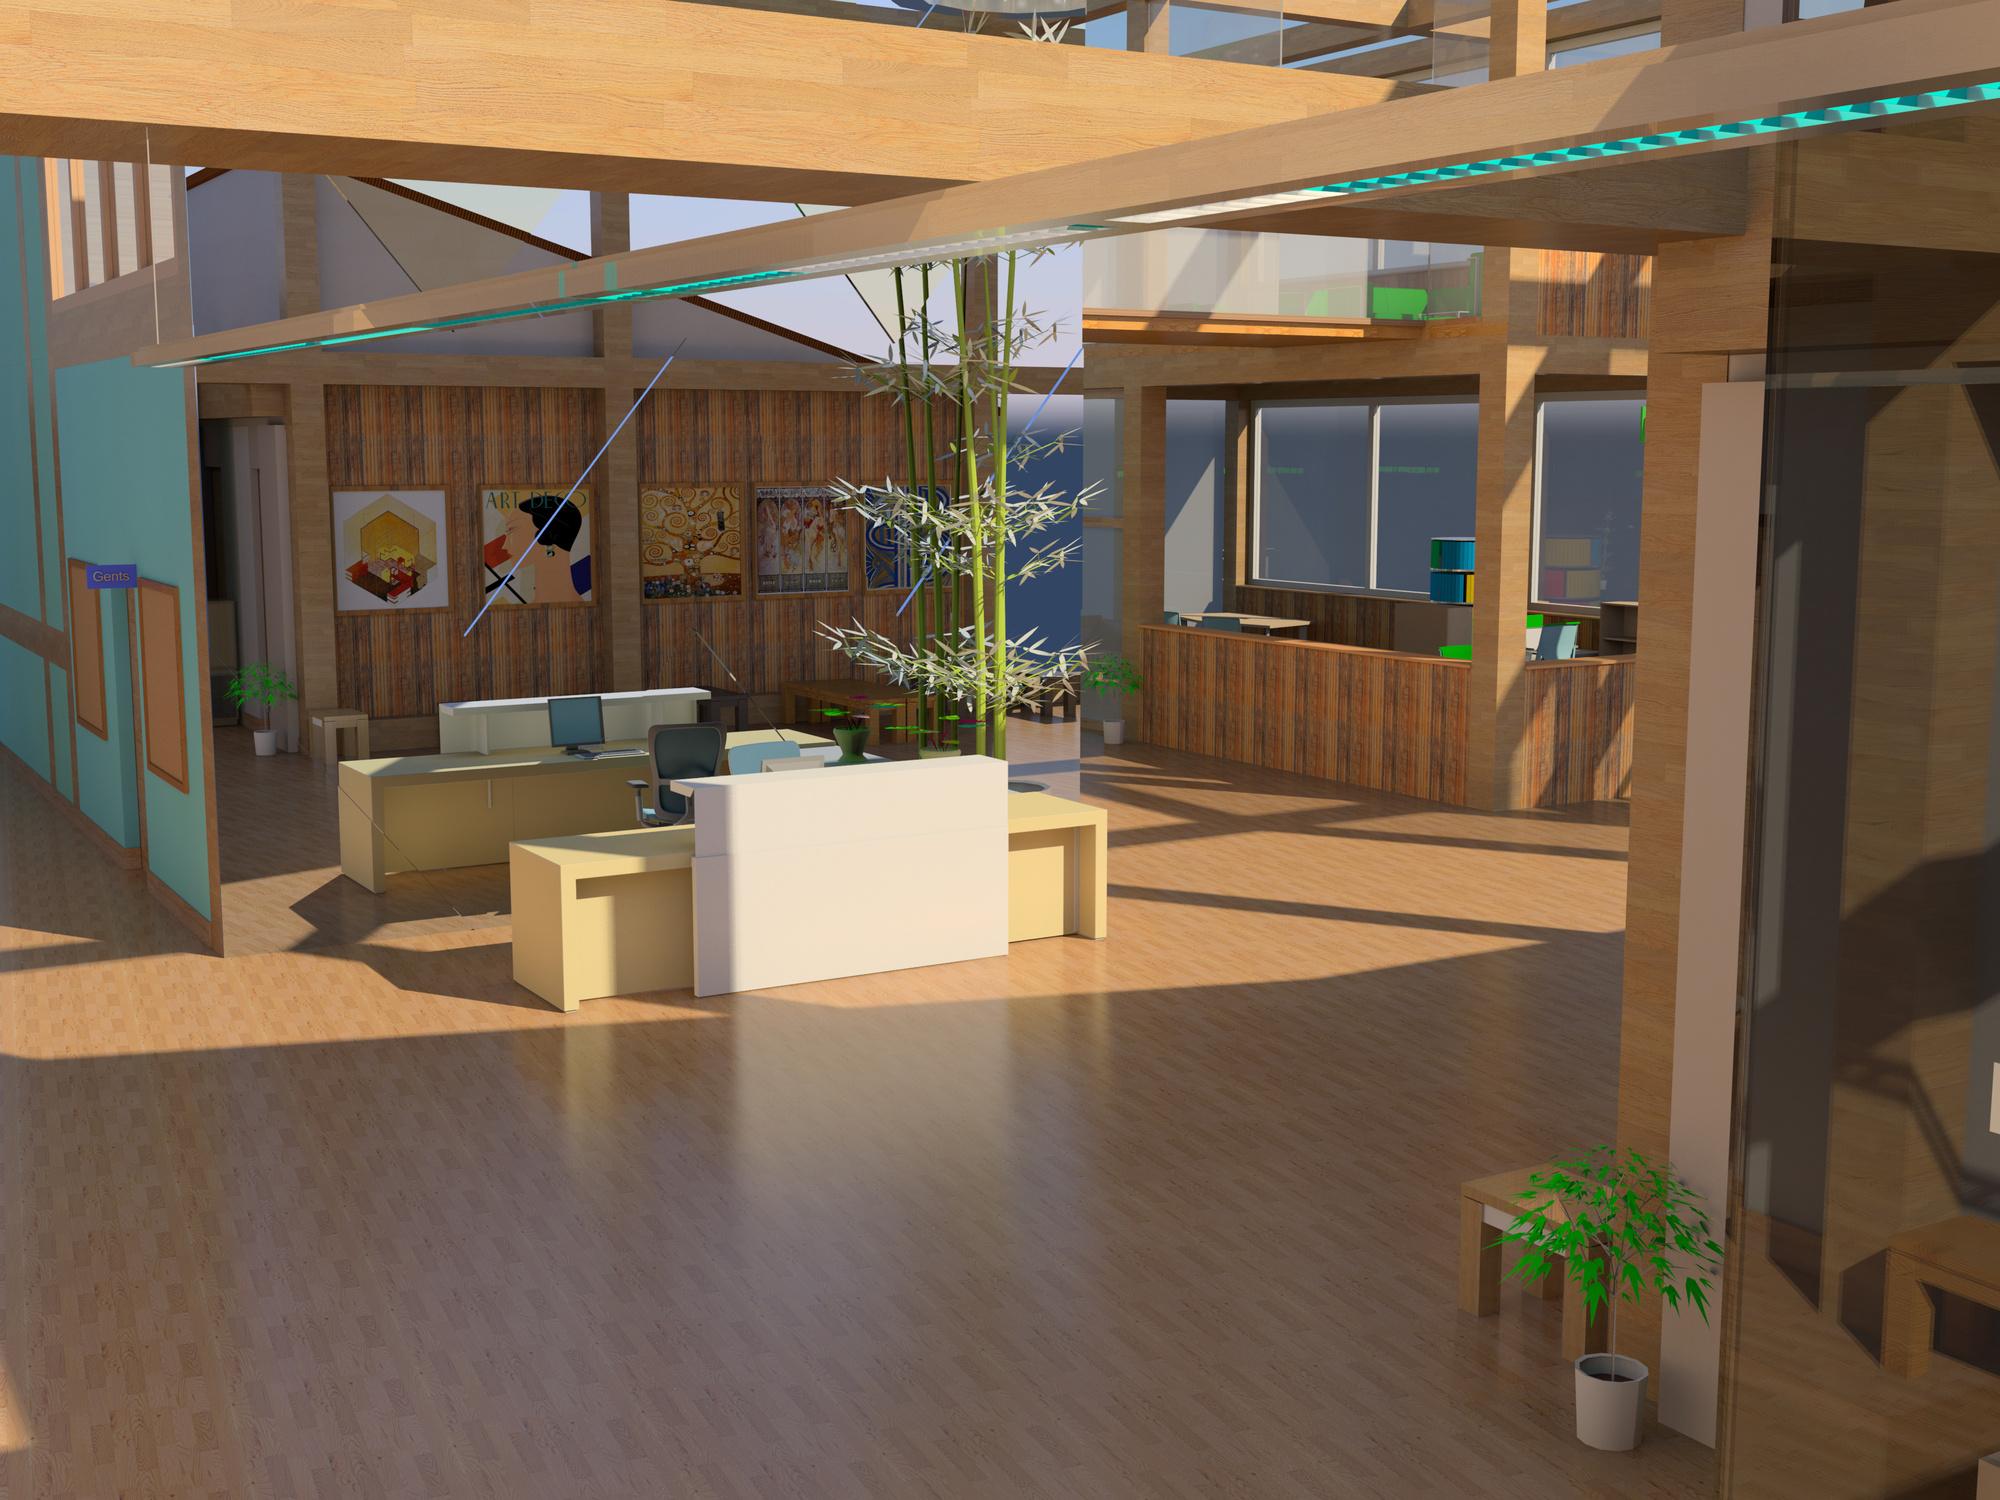 Raas-rendering20150212-21791-yoh8hd